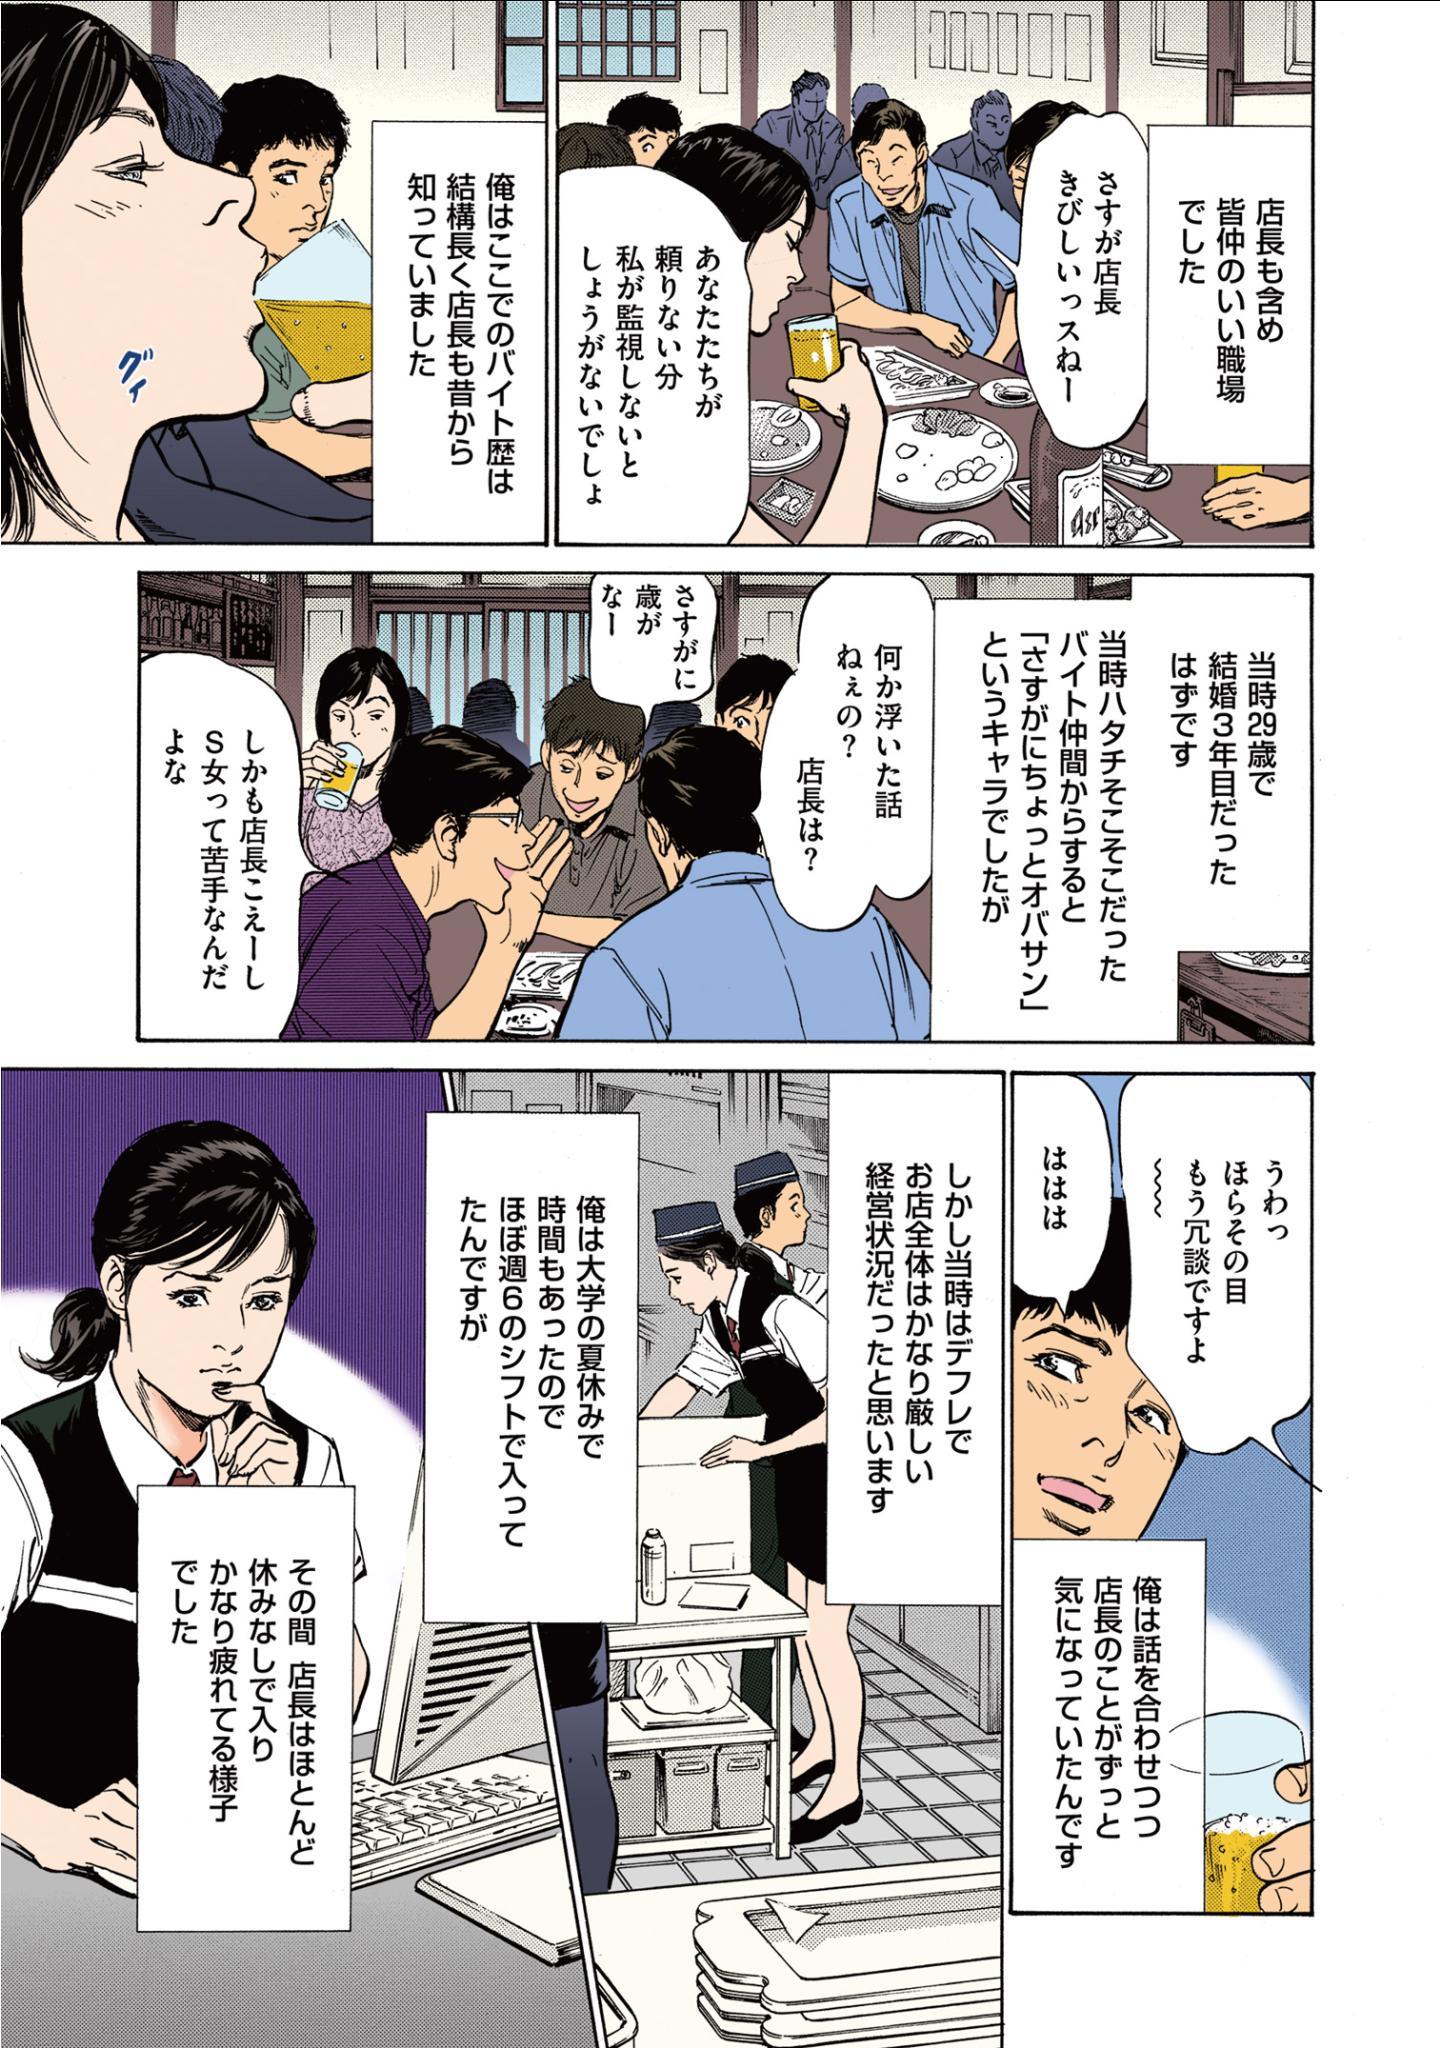 [Hazuki Kaoru] Hazuki Kaoru no Tamaranai Hanashi (Full Color Version) 1-2 70